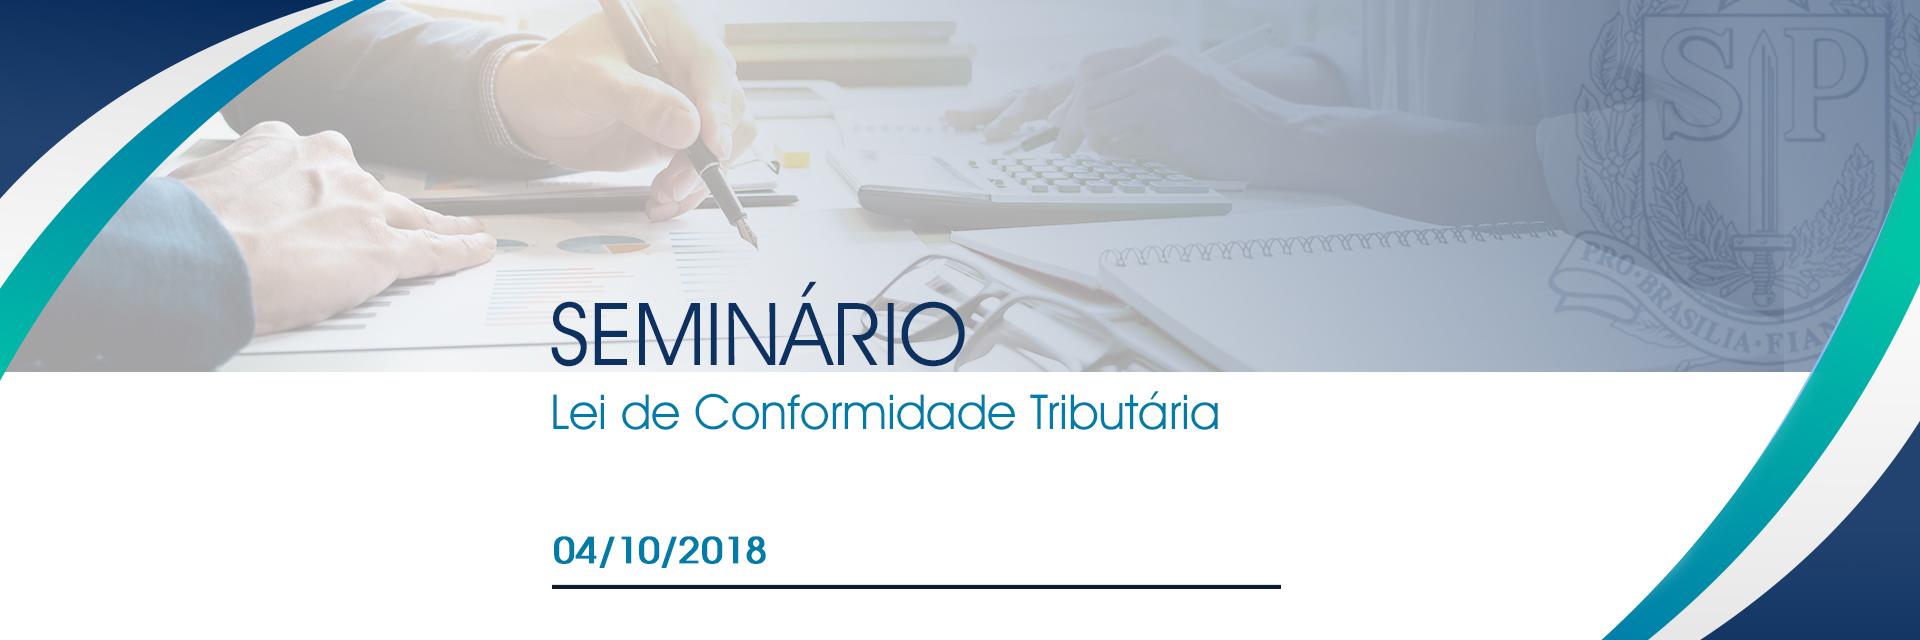 seminario-conformidade